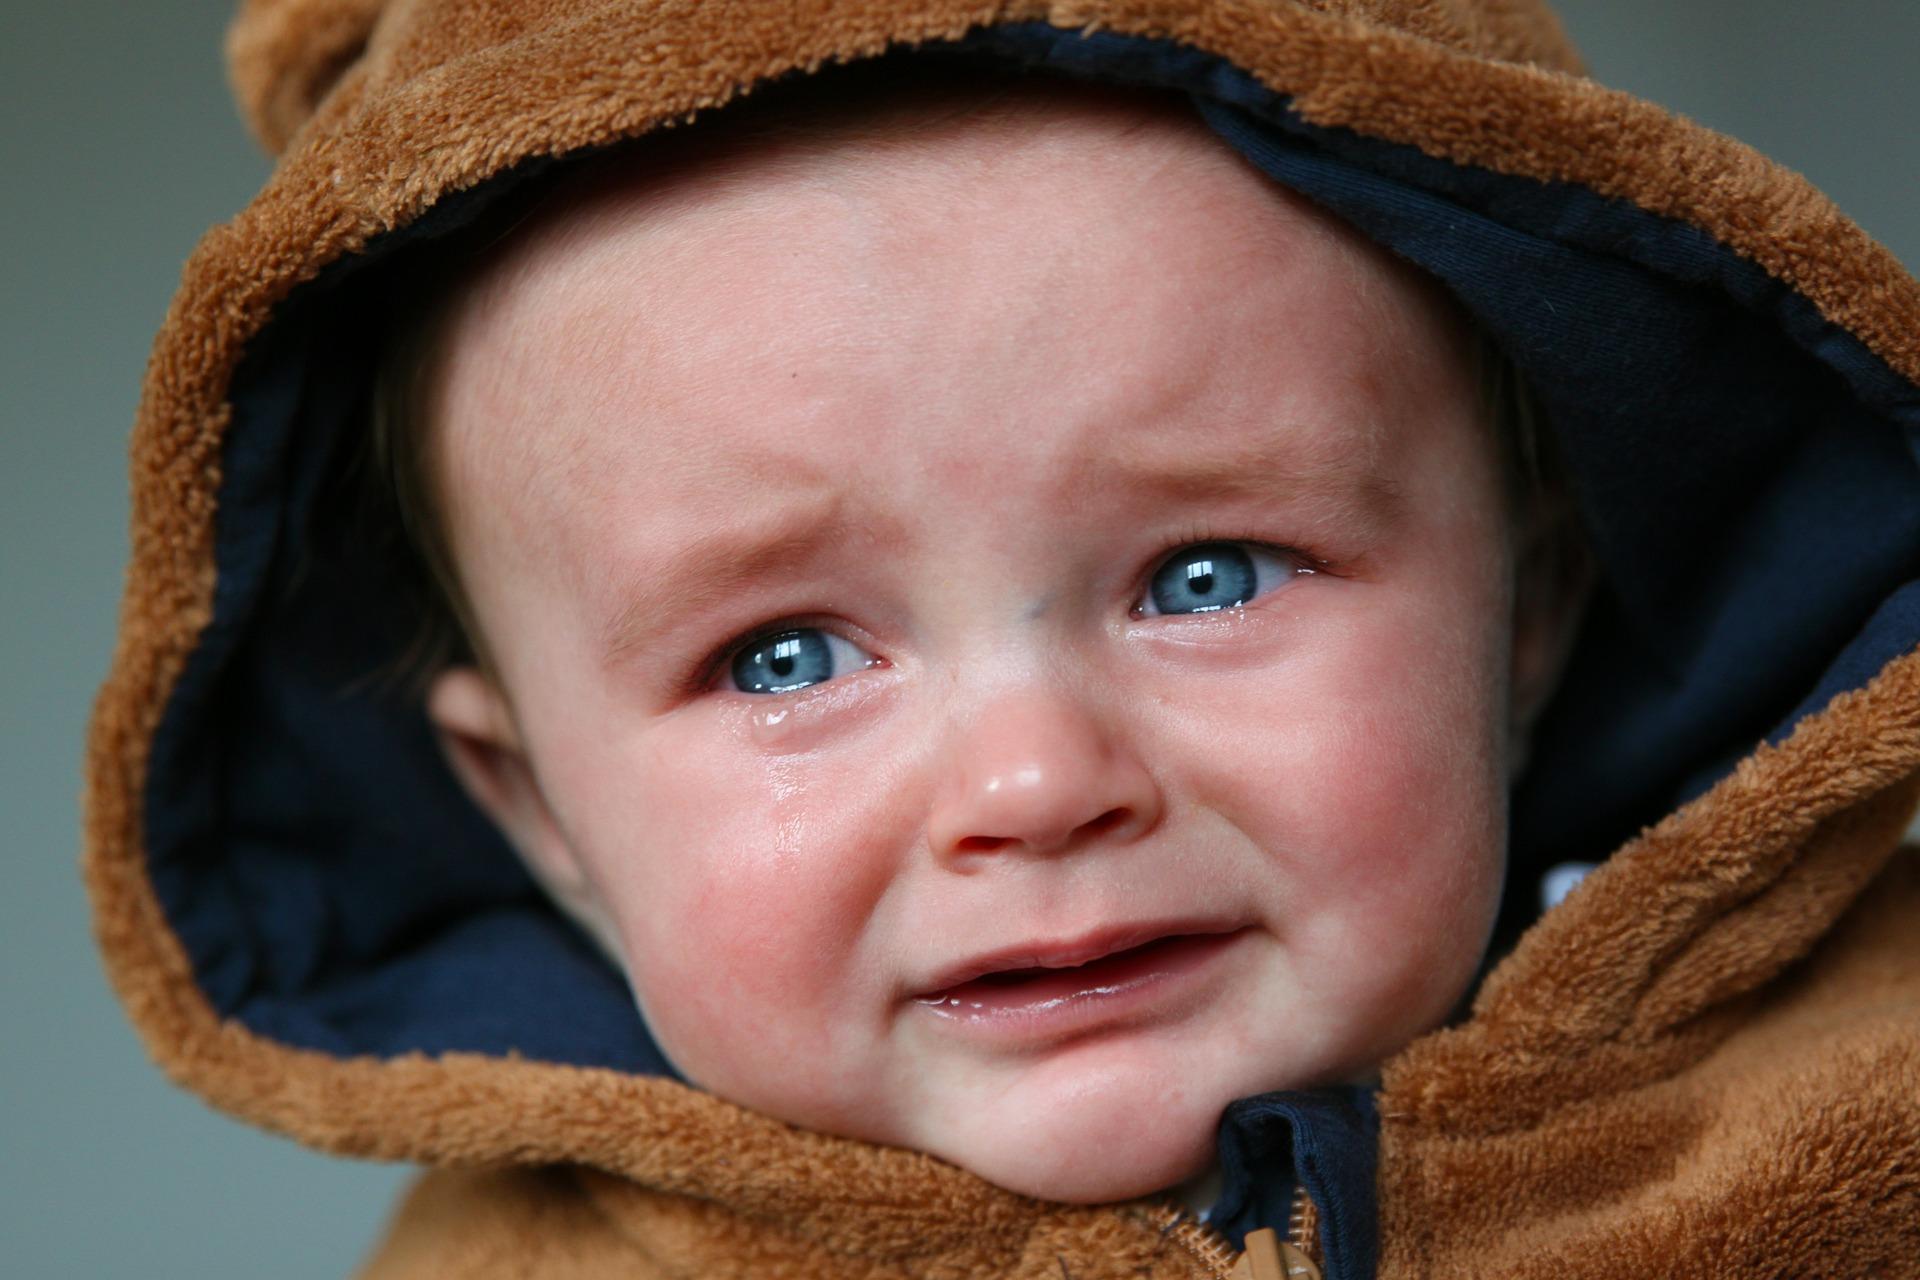 Cólicos del lactante: llanto inconsolable